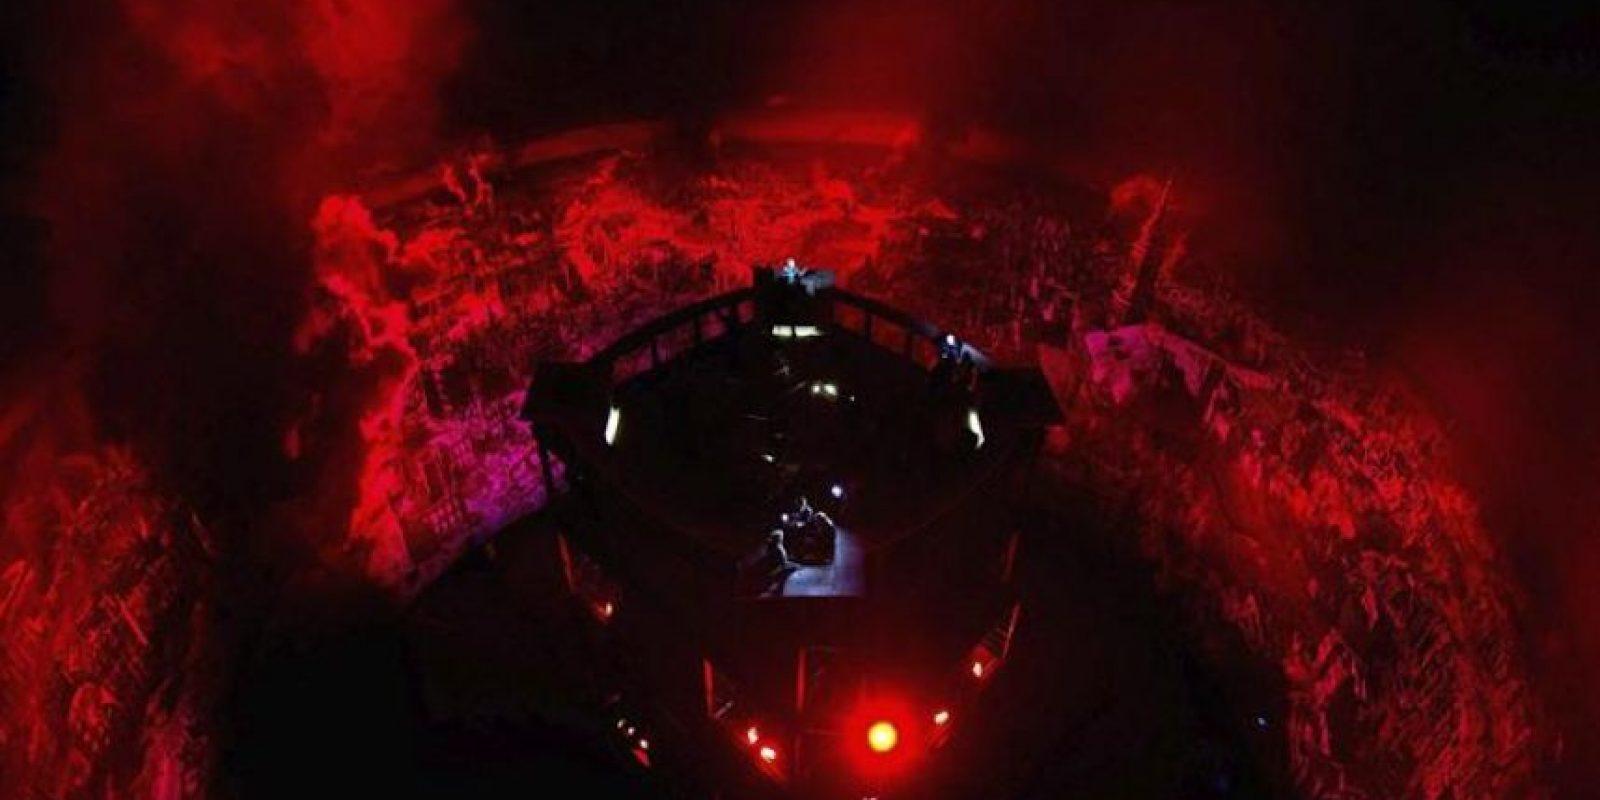 """La nueva pintura panorámica de 360 grados titulada """"Dresde 1945. Tragedia y esperanza de una ciudad europea"""", iluminada en rojo durante su presentación en el Panómetro Asisi, en Dresde, Alemania, hoy viernes 23 de enero de 2015. EFE"""